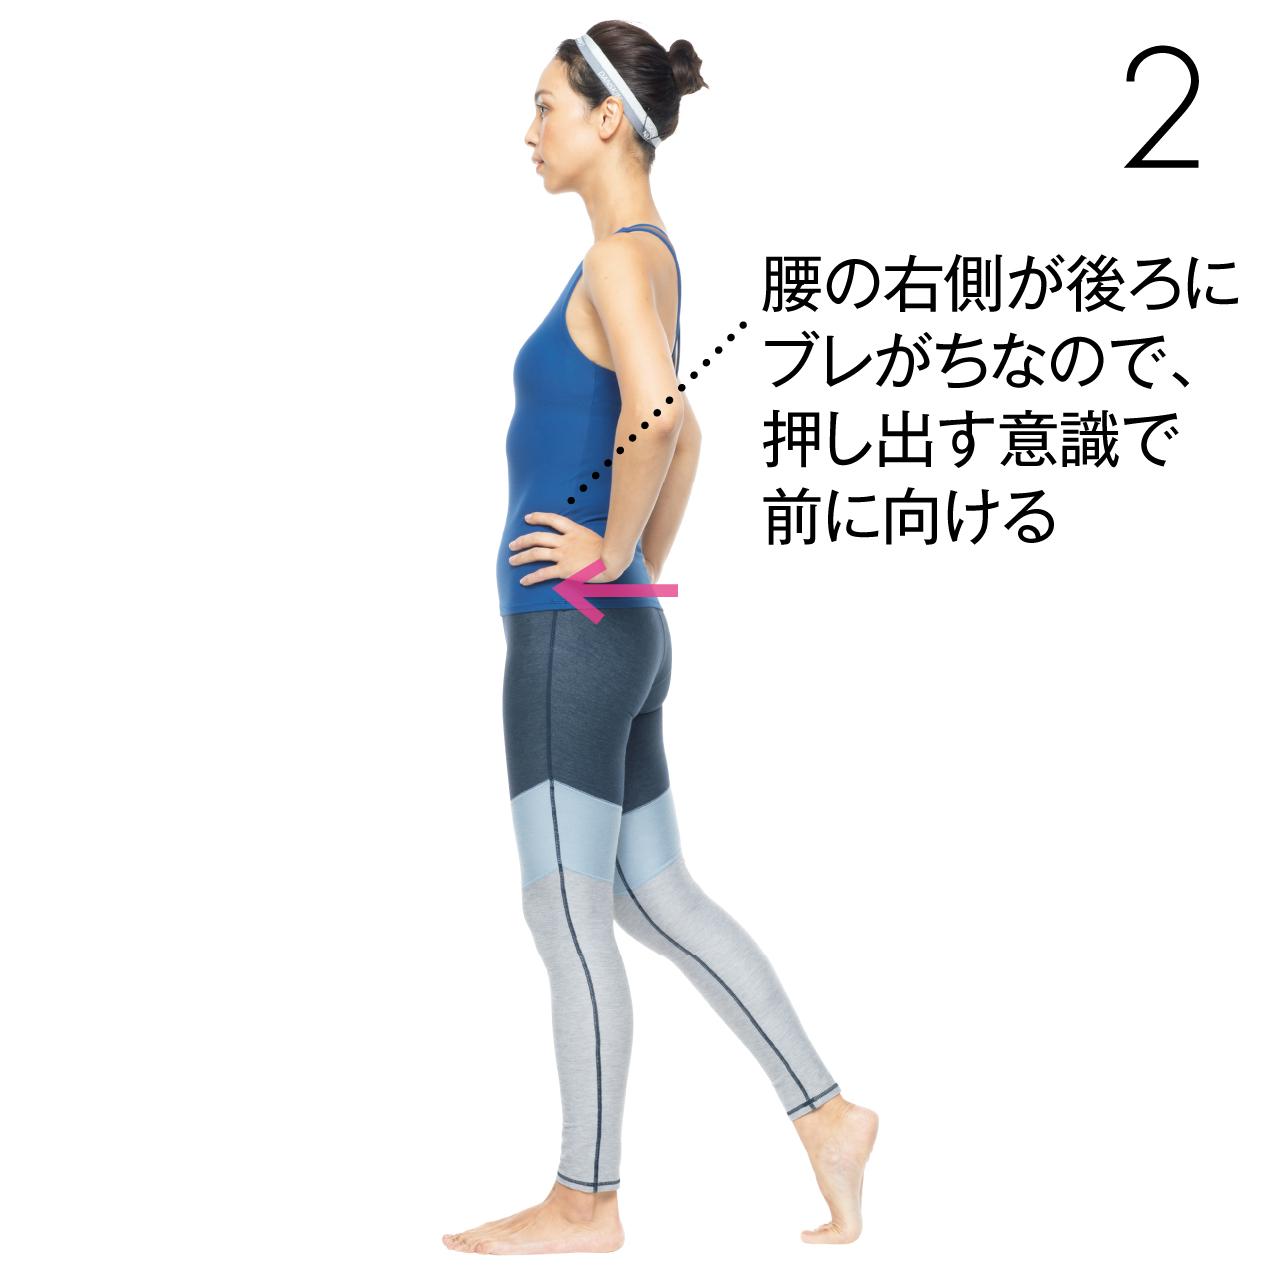 足運びの移動を正す2 腰の右側が後ろにブレがちなので、押し出す意識で前に向ける